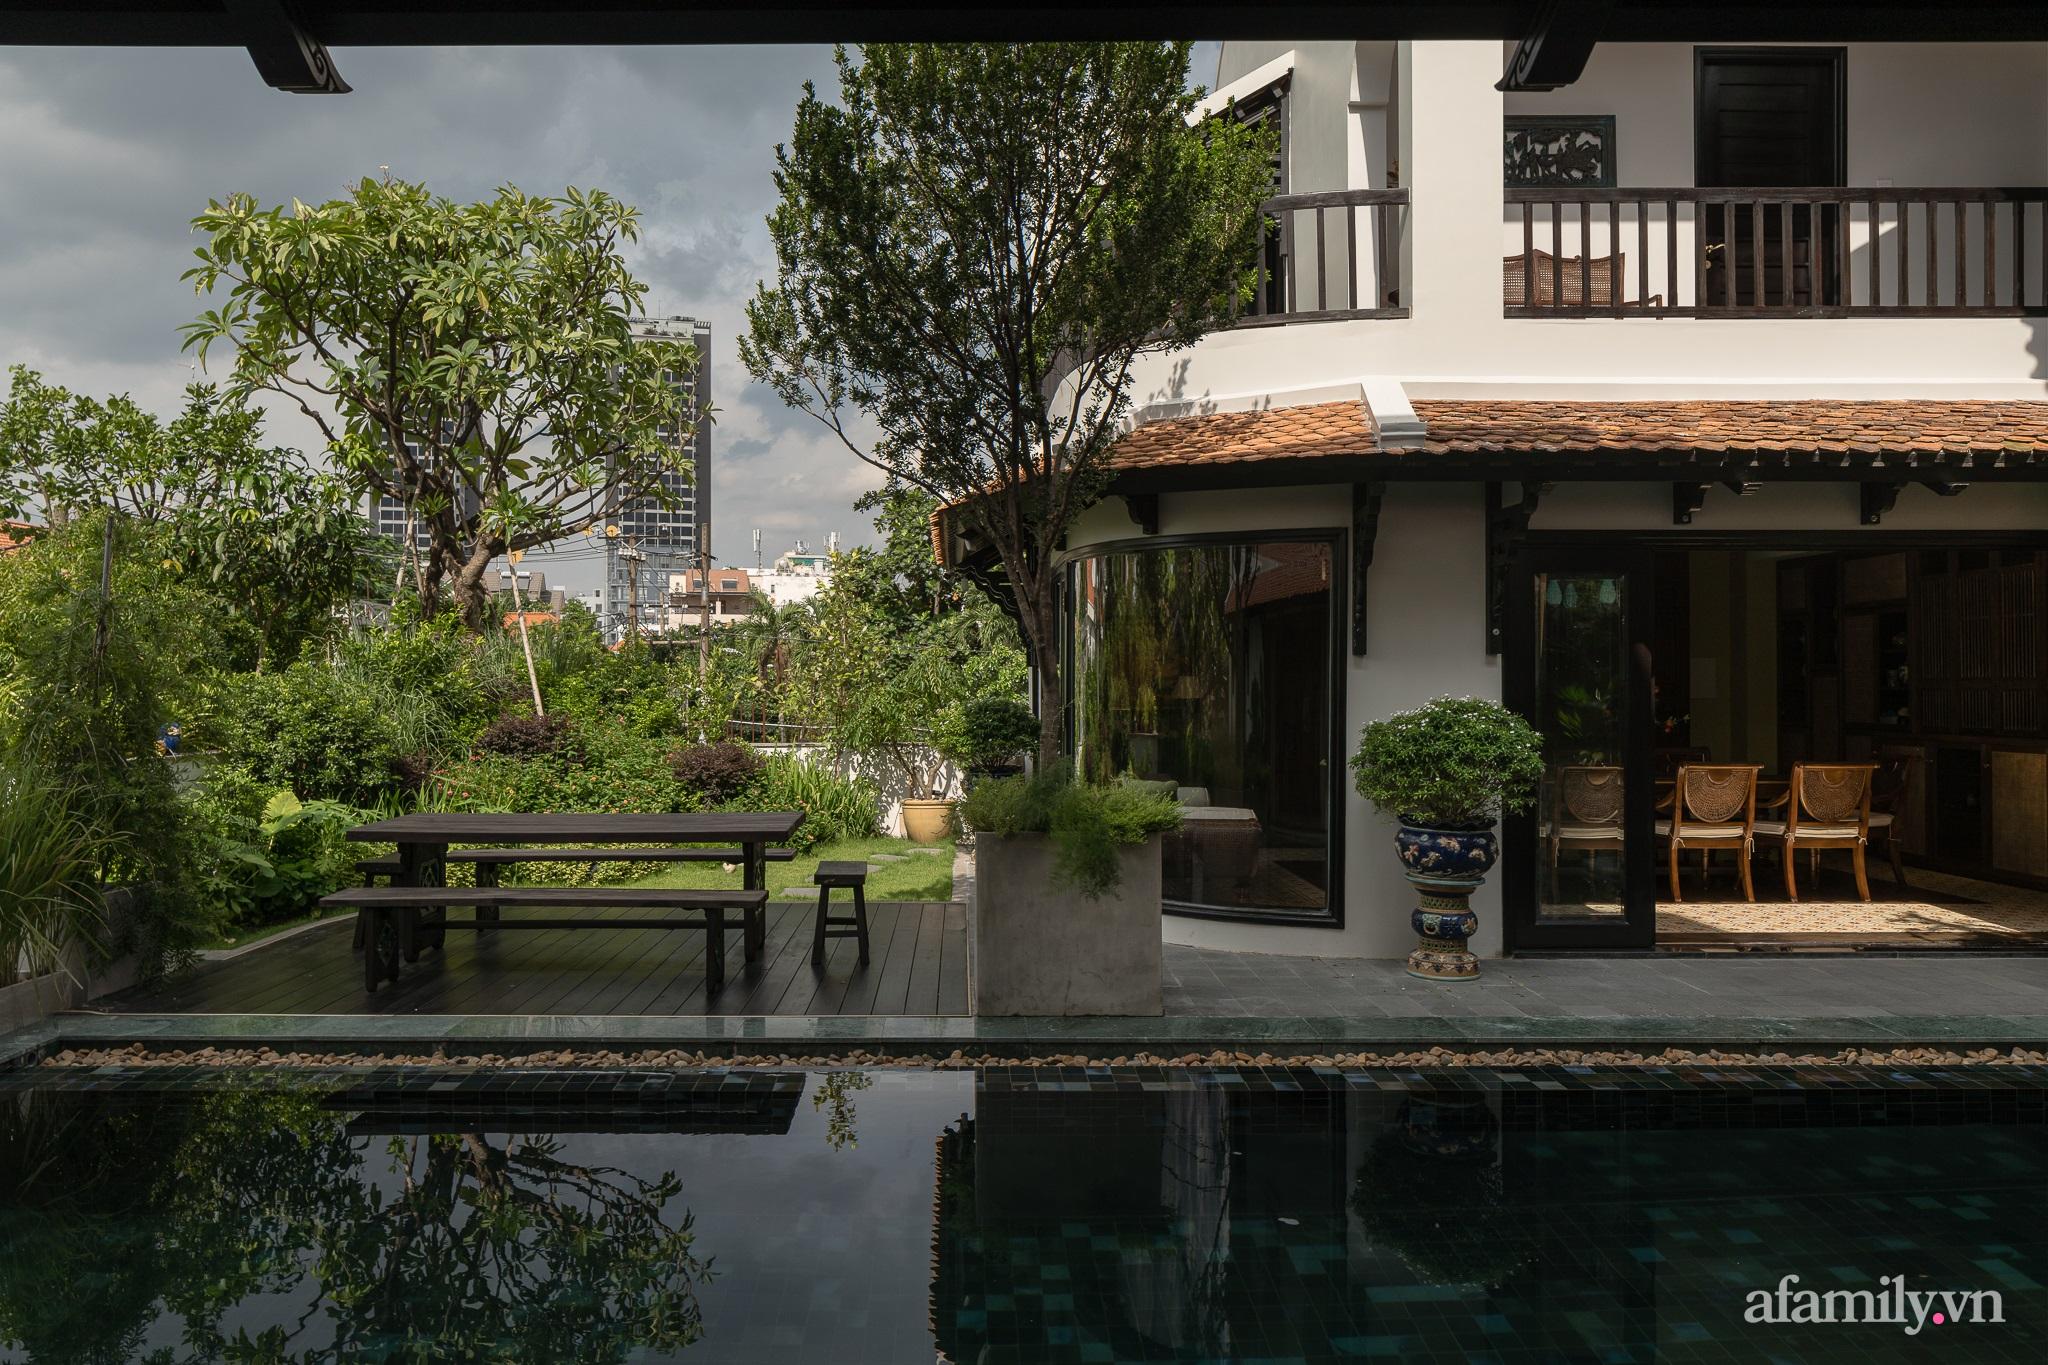 """a 62 1603870685666359045643 - Căn nhà 500m² """"giấu"""" những bình dị an yên của lứa đôi hạnh phúc giữa tấp nập phố phường ở Quận 2, Sài Gòn"""